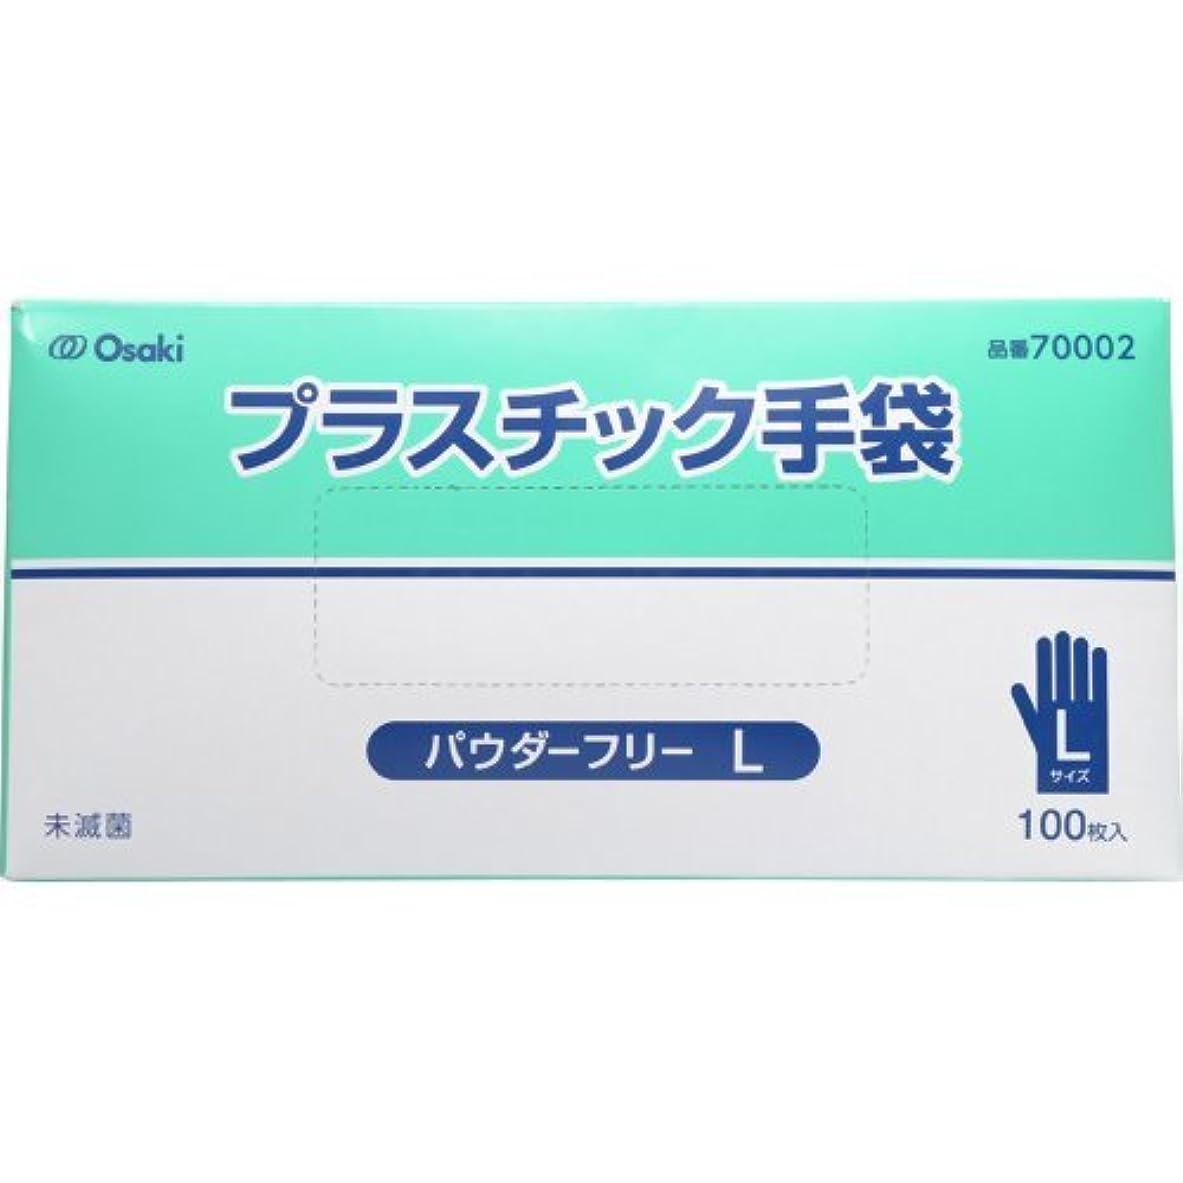 ラフレシアアルノルディ王室ほとんどの場合オオサキメディカル プラスチック手袋 PF Lサイズ 100枚入